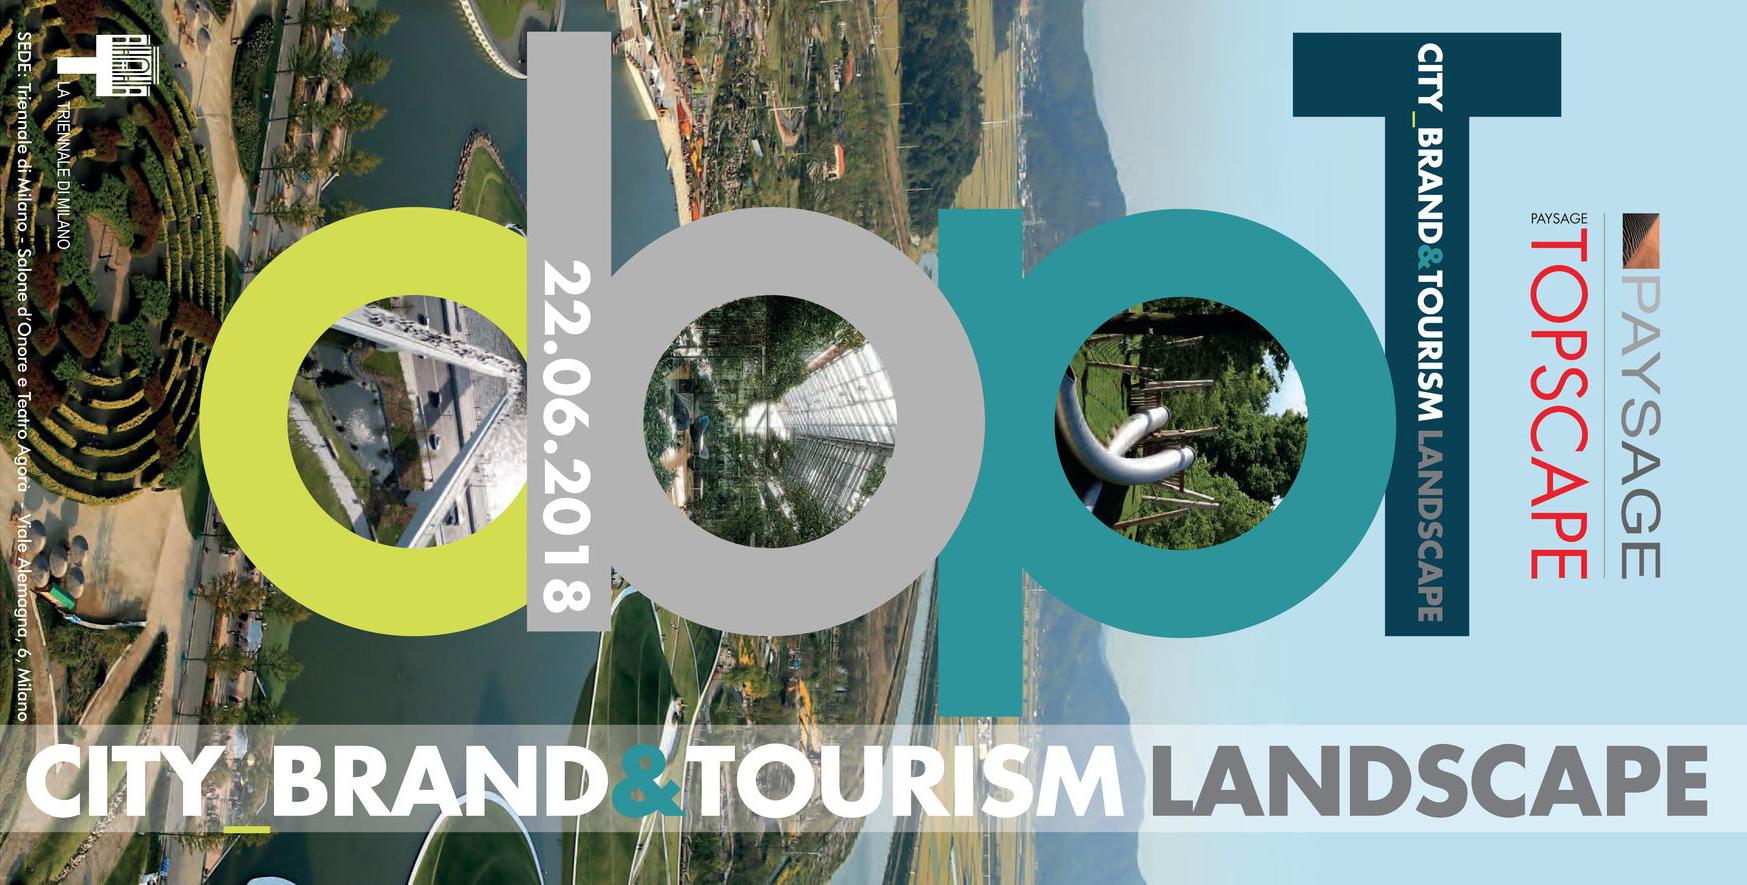 Simposio internazionale CITY BRAND & TOURISM LANDSCAPE